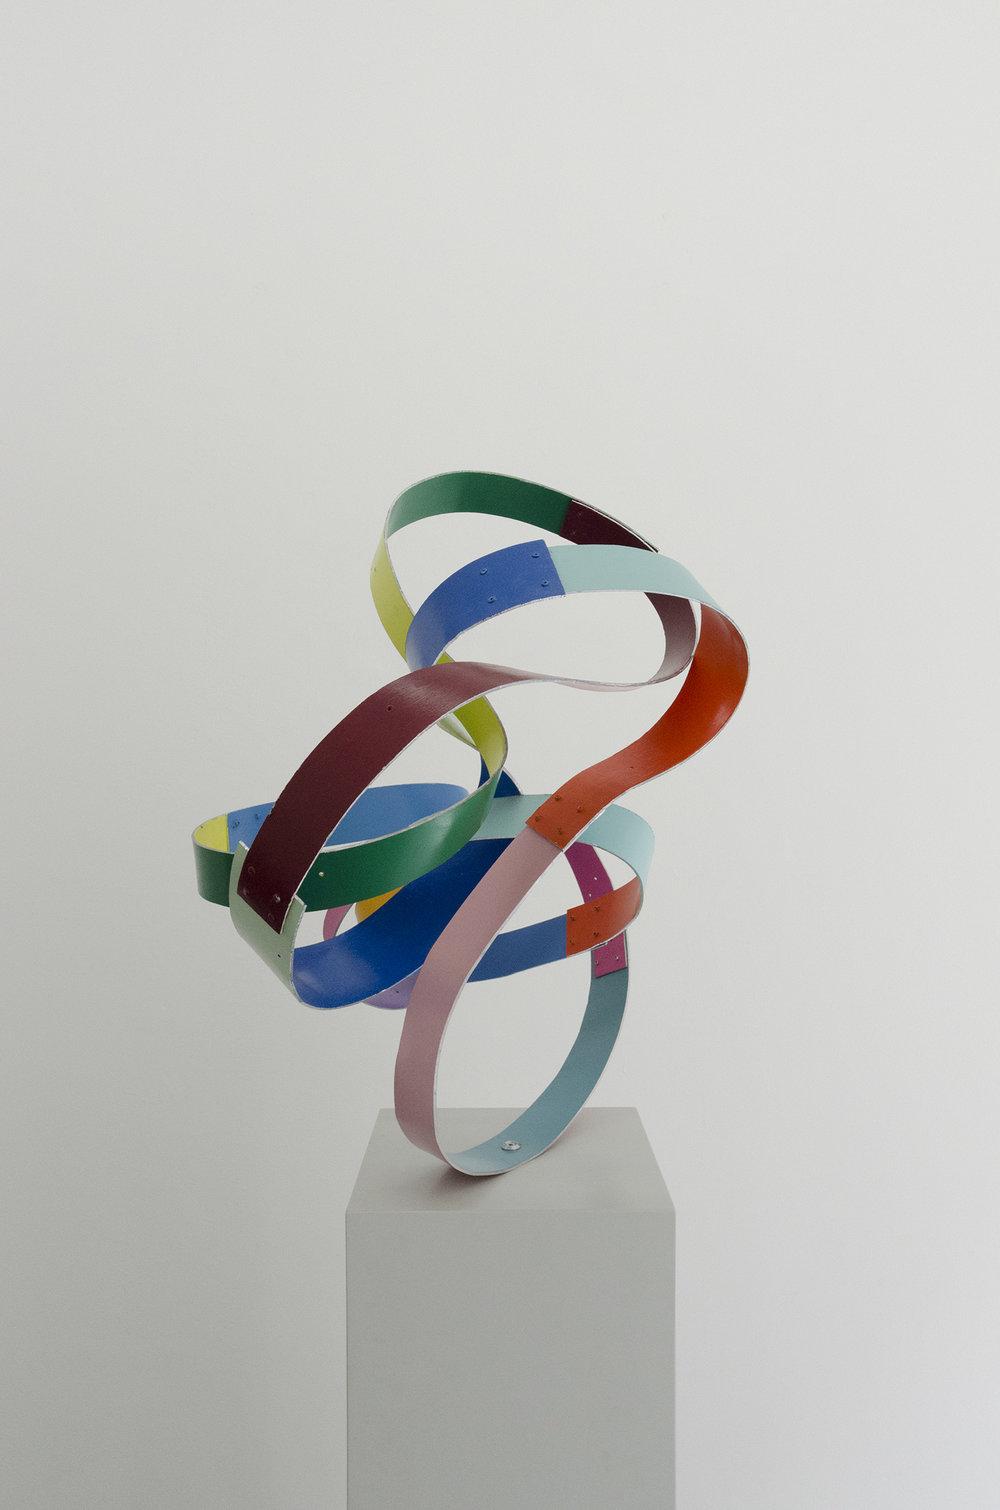 Beat Zoderer, Möbius - Schleife, 2011